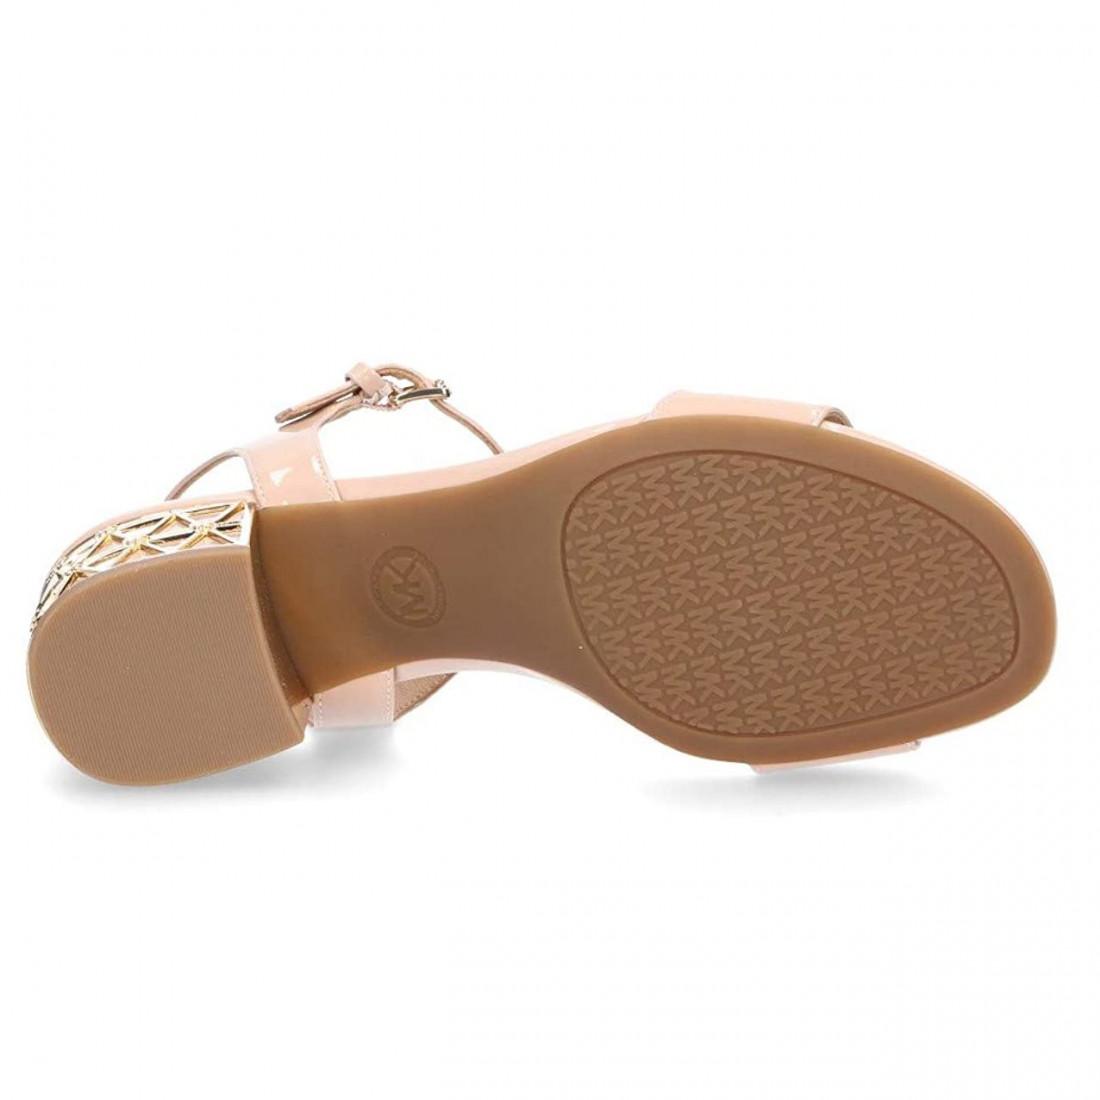 sandals woman michael kors 40s9bkms1a660 7399